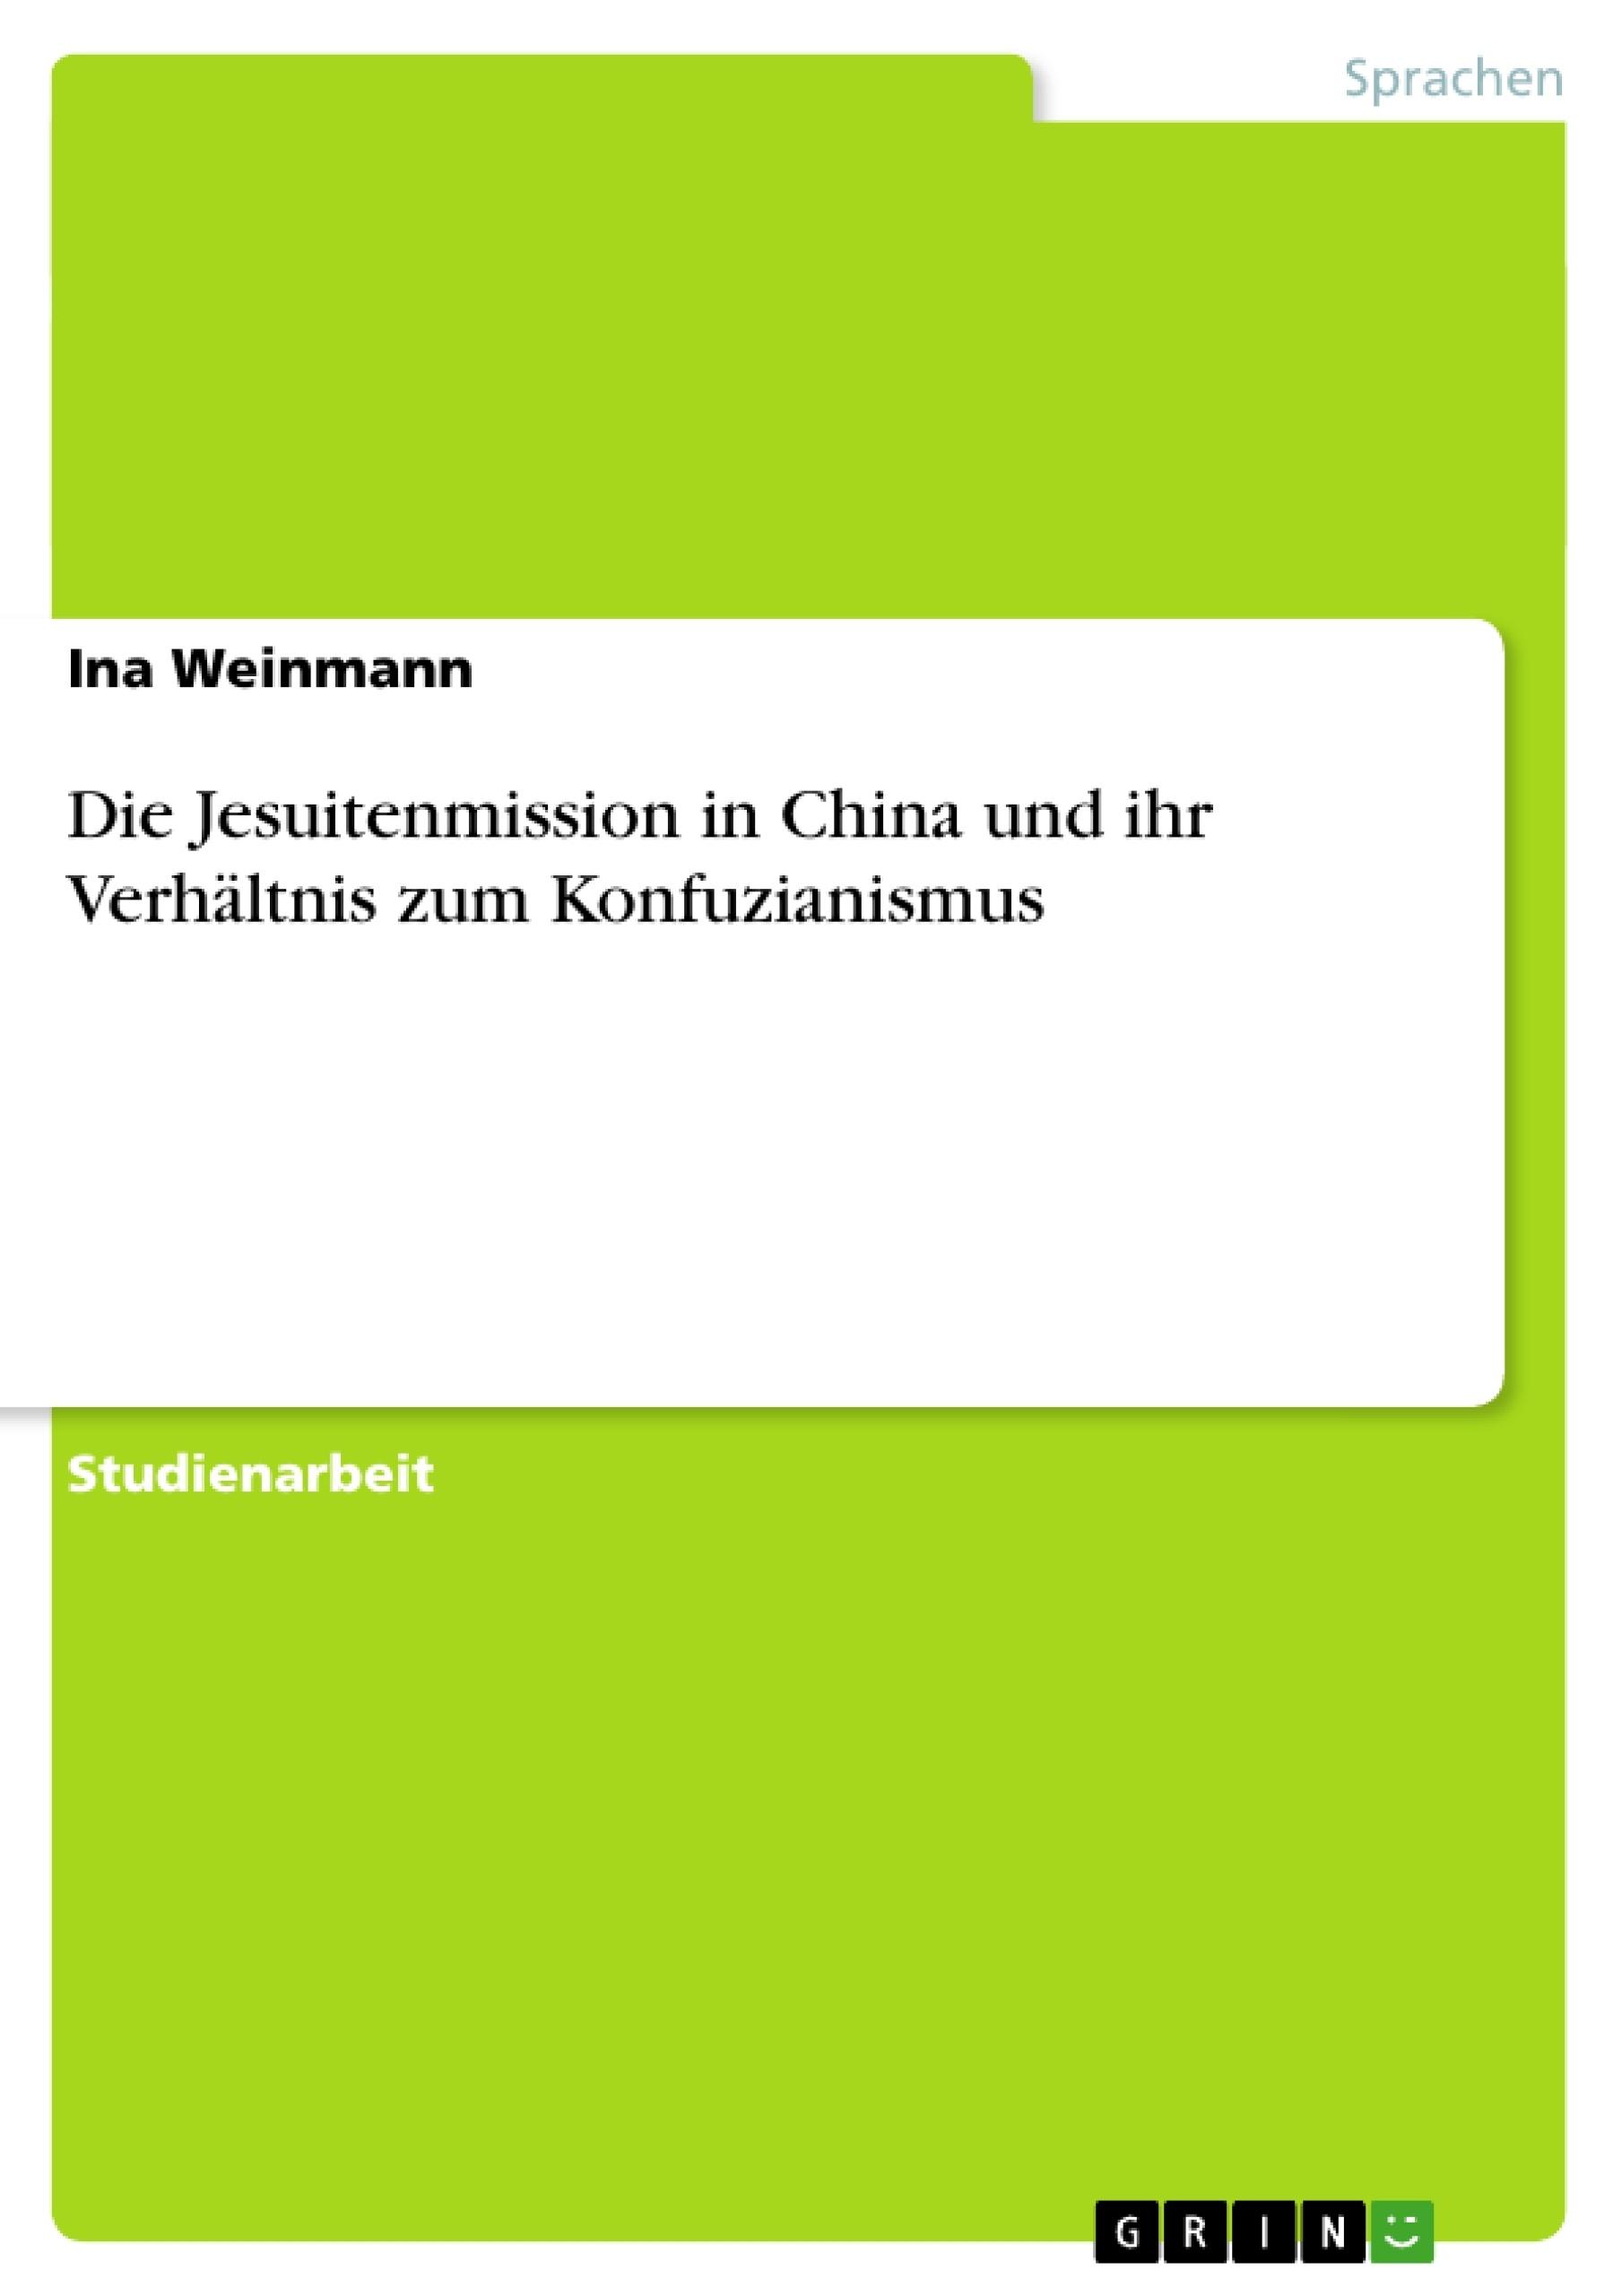 Titel: Die Jesuitenmission in China und ihr Verhältnis zum Konfuzianismus